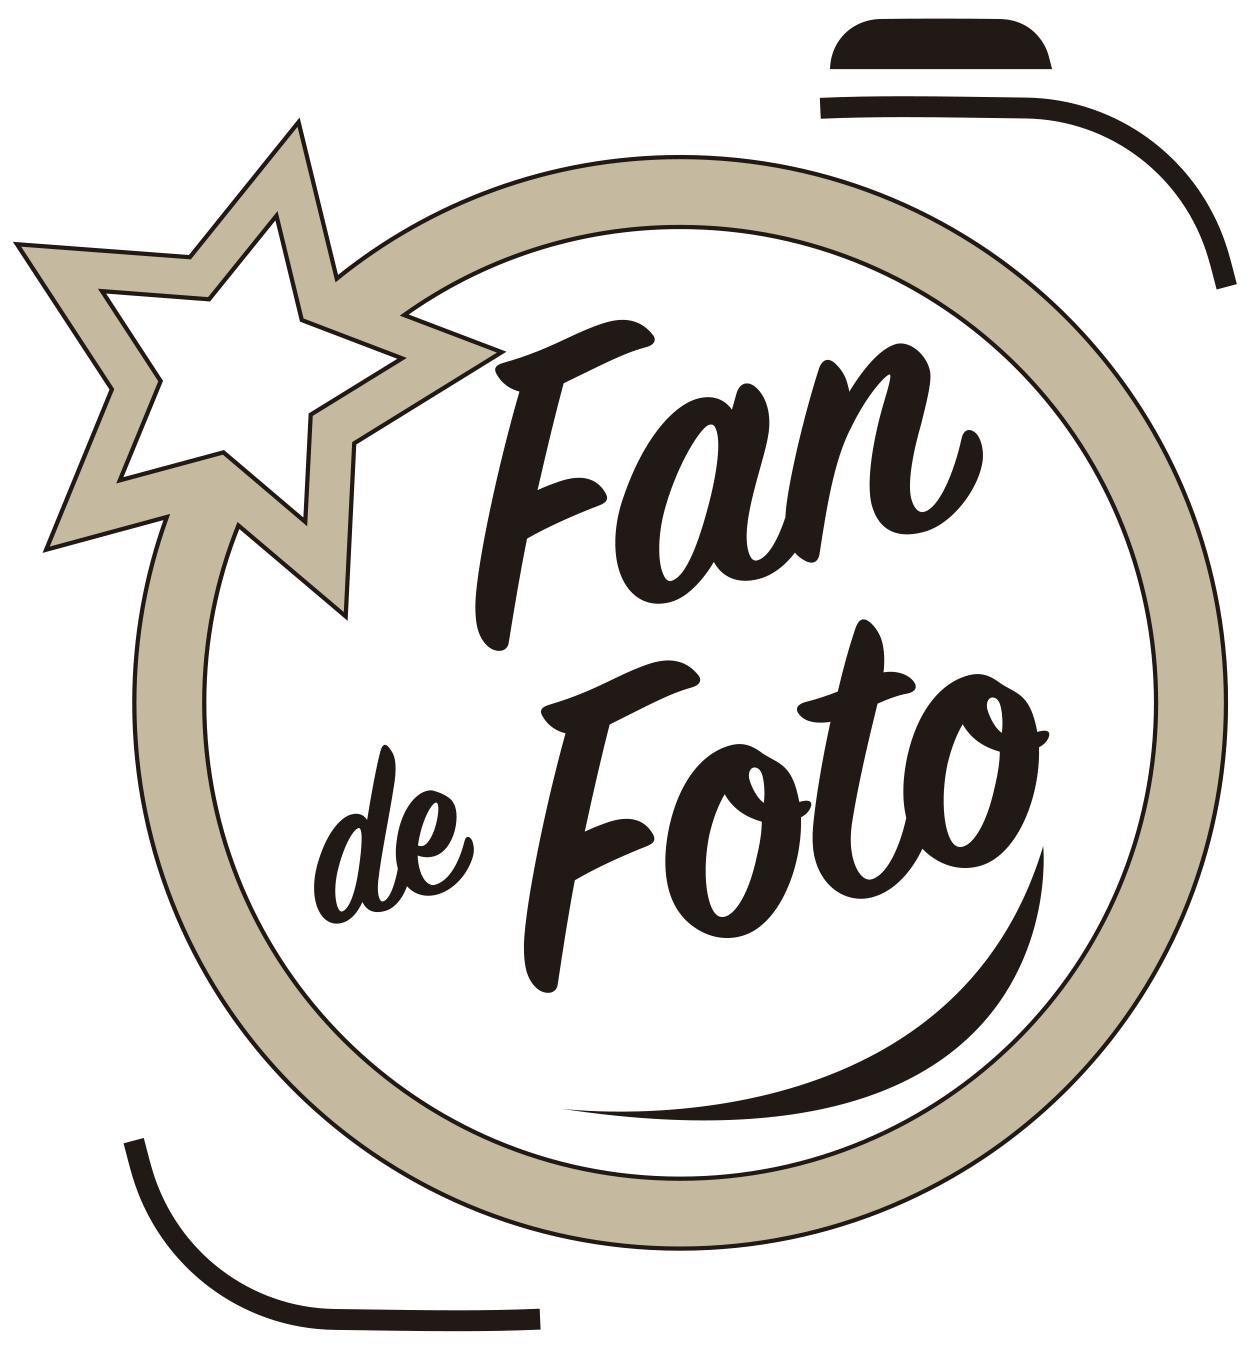 Fan de Foto